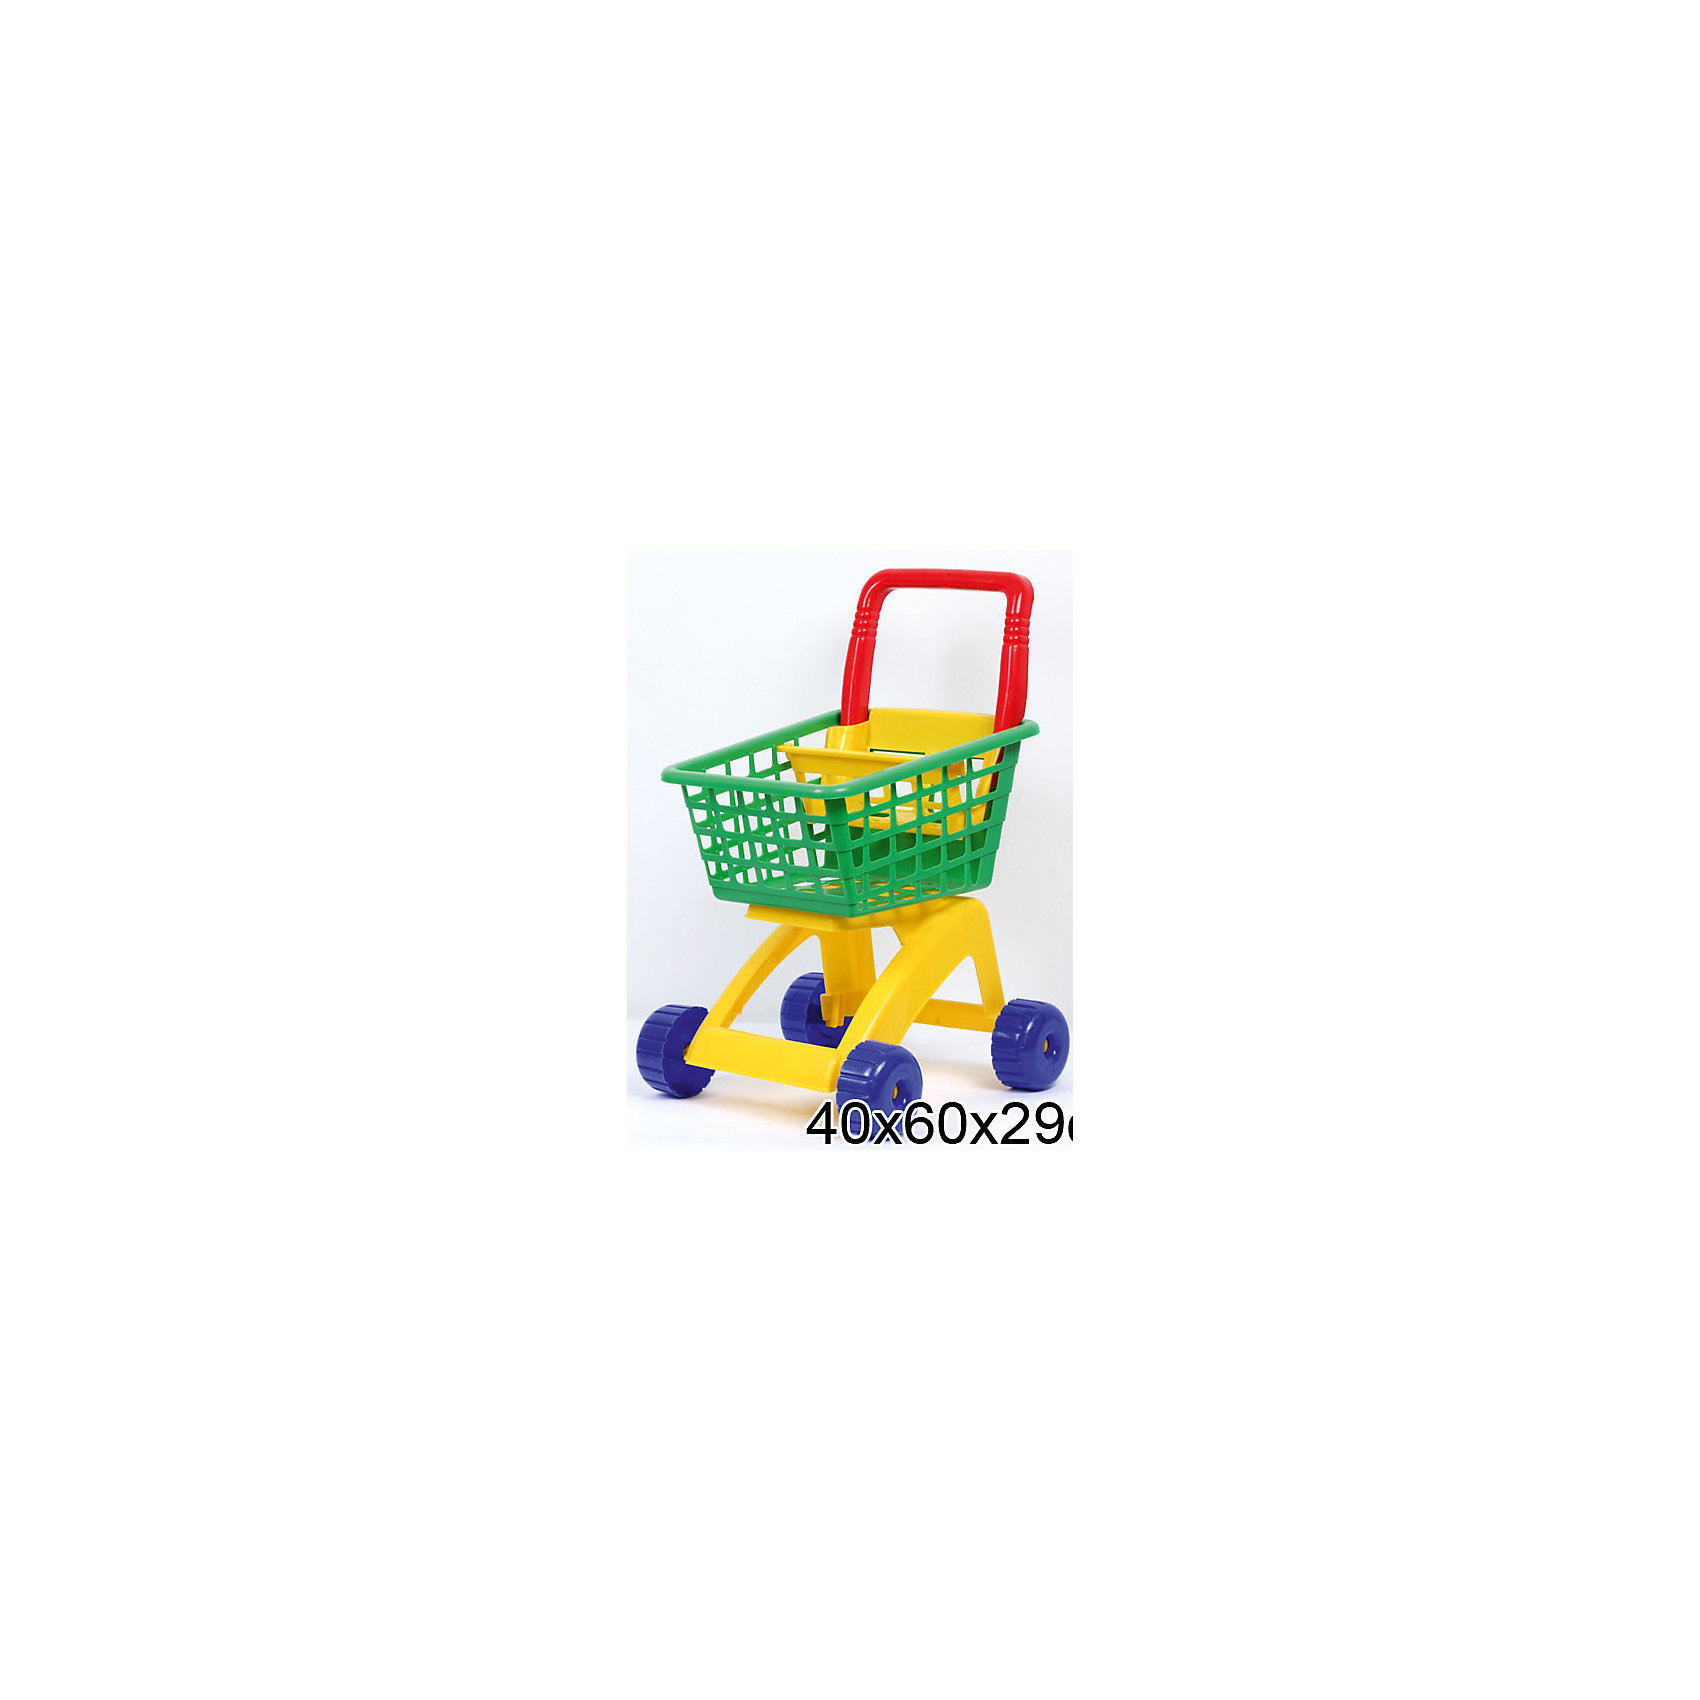 Тележка для супермаркета, ПолесьеС такой тележкой малыш без труда сможет помогать Вам с покупками!  Тележка вместительна и удобна, у нее есть откидное сиденье, куда можно посадить любимую игрушку. <br><br>Дополнительная информация:<br><br>- Возраст: от 3 лет.<br>- Материал: пластик.<br>- Размер упаковки: 59х36х38,5 см.<br>- Вес в упаковке: 1490 г.<br><br>Купить тележку для супермаркета, можно в нашем магазине.<br><br>Ширина мм: 590<br>Глубина мм: 360<br>Высота мм: 385<br>Вес г: 1490<br>Возраст от месяцев: 36<br>Возраст до месяцев: 60<br>Пол: Унисекс<br>Возраст: Детский<br>SKU: 4879323